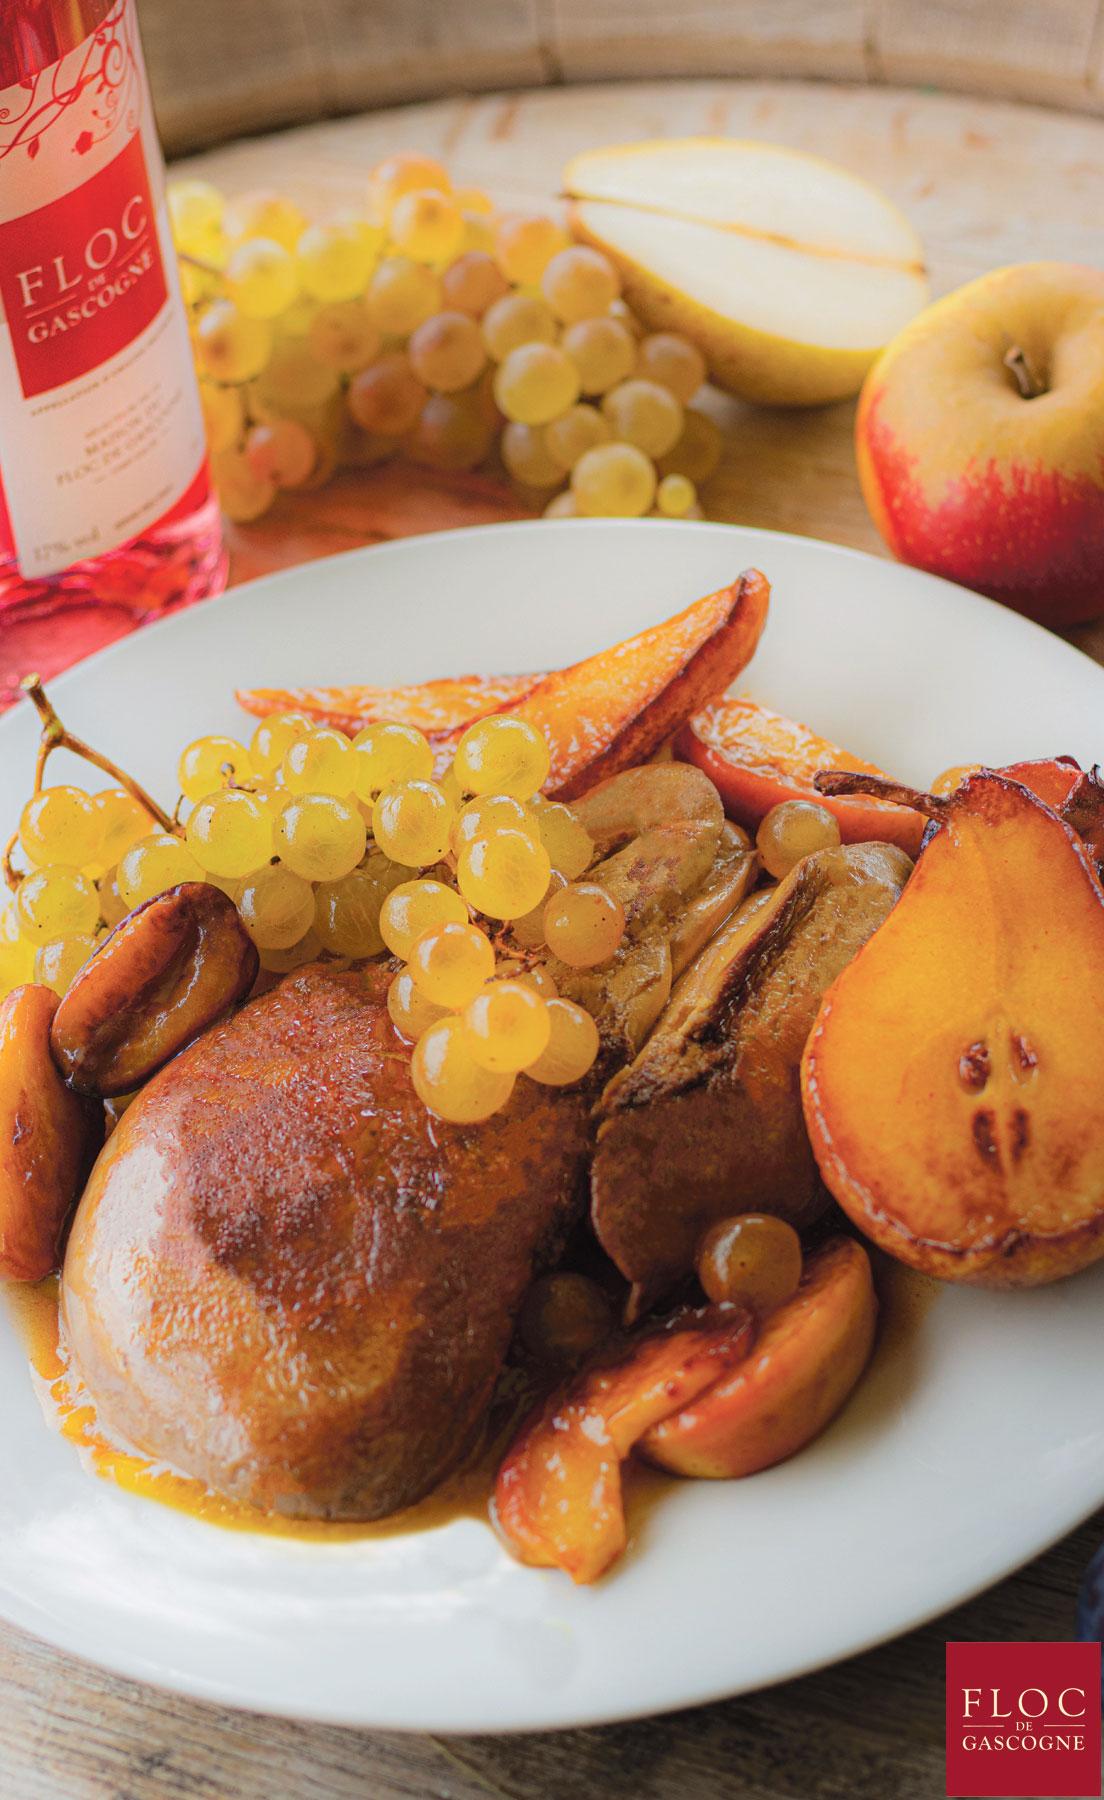 Recette de foie gras de canard braisé entier, fruits et sauce au Floc-de-Gascogne